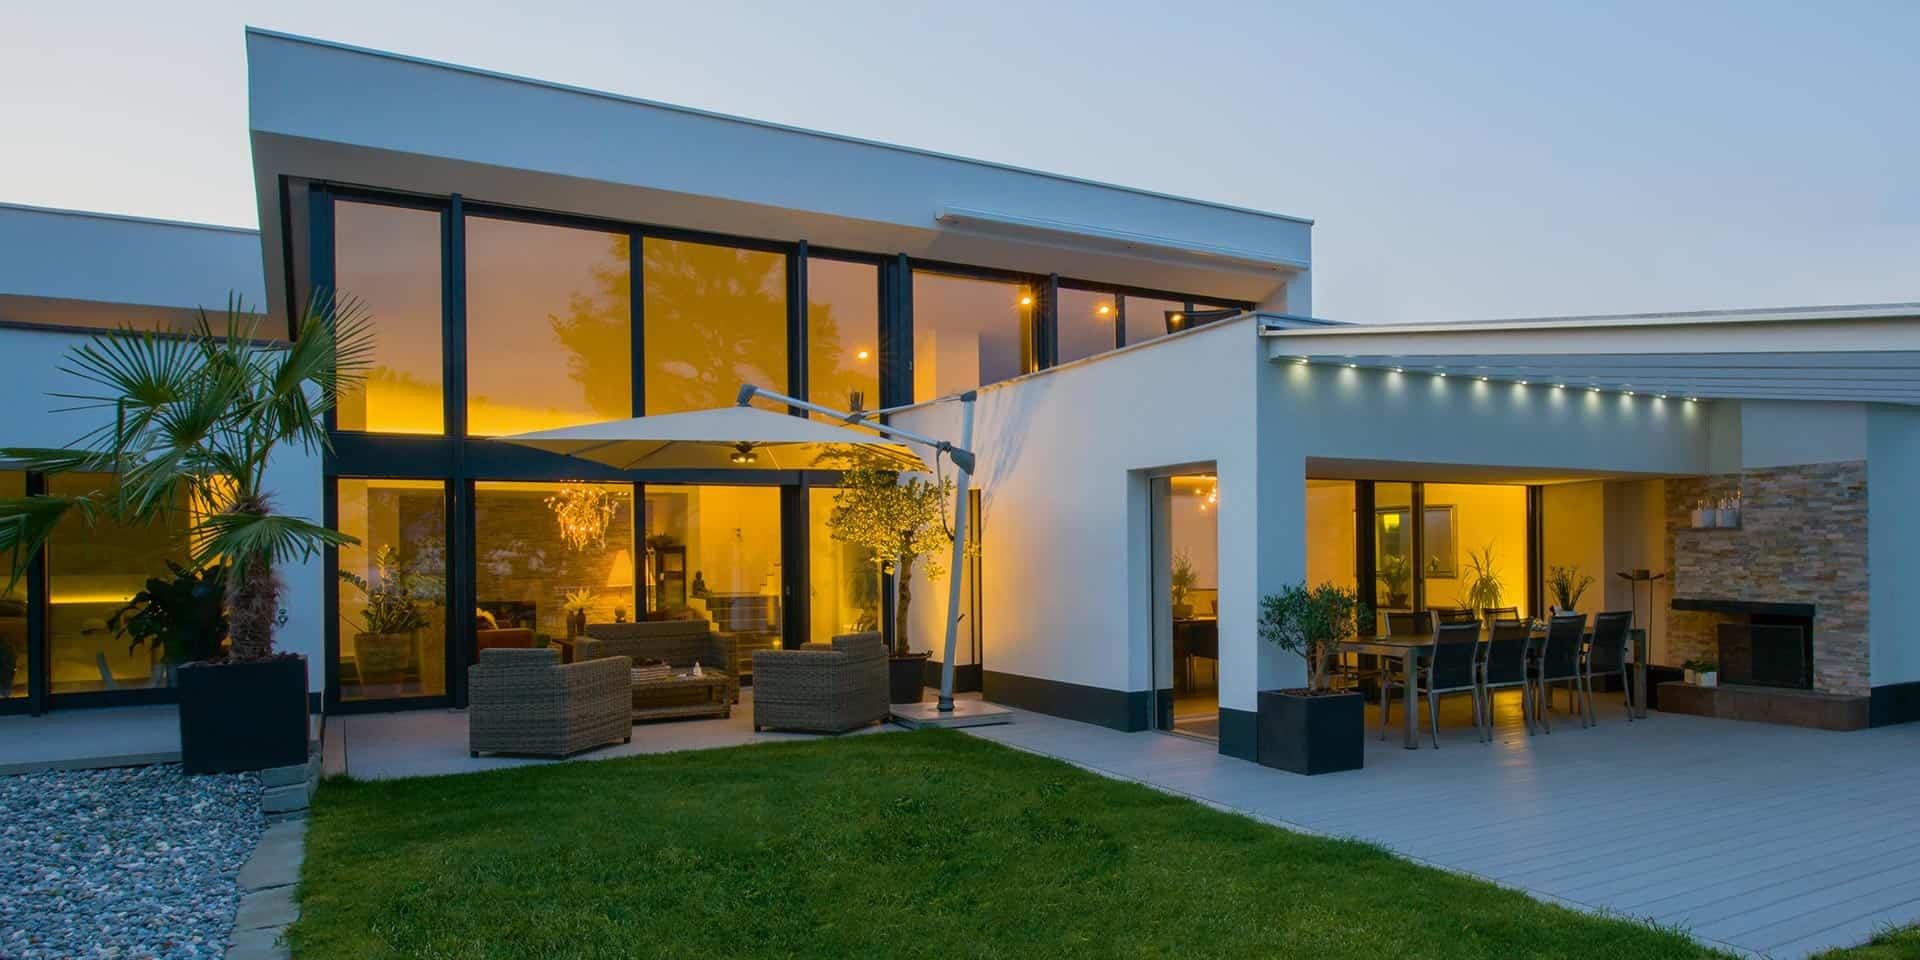 Sonnenschirm rechteckig - Villa mit Pool